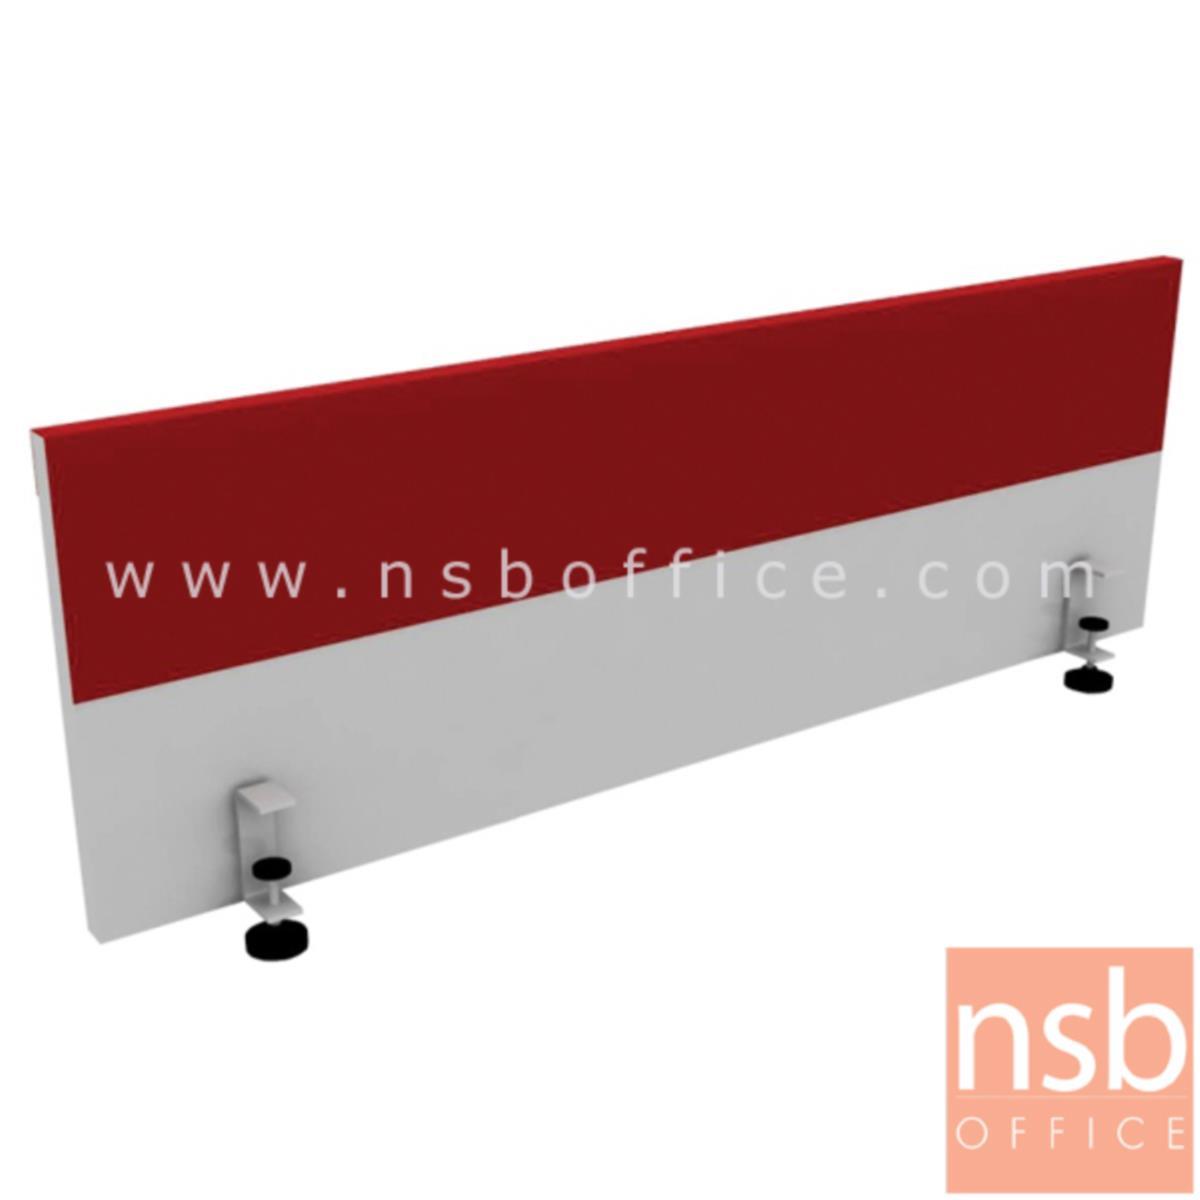 A24A003:มินิสกรีนไม้เมลามีน พร้อมแถบเหล็กติด magnet รุ่น MS05WS (แบบหนีบหน้าโต๊ะหนาพิเศษ) 120W*40H cm